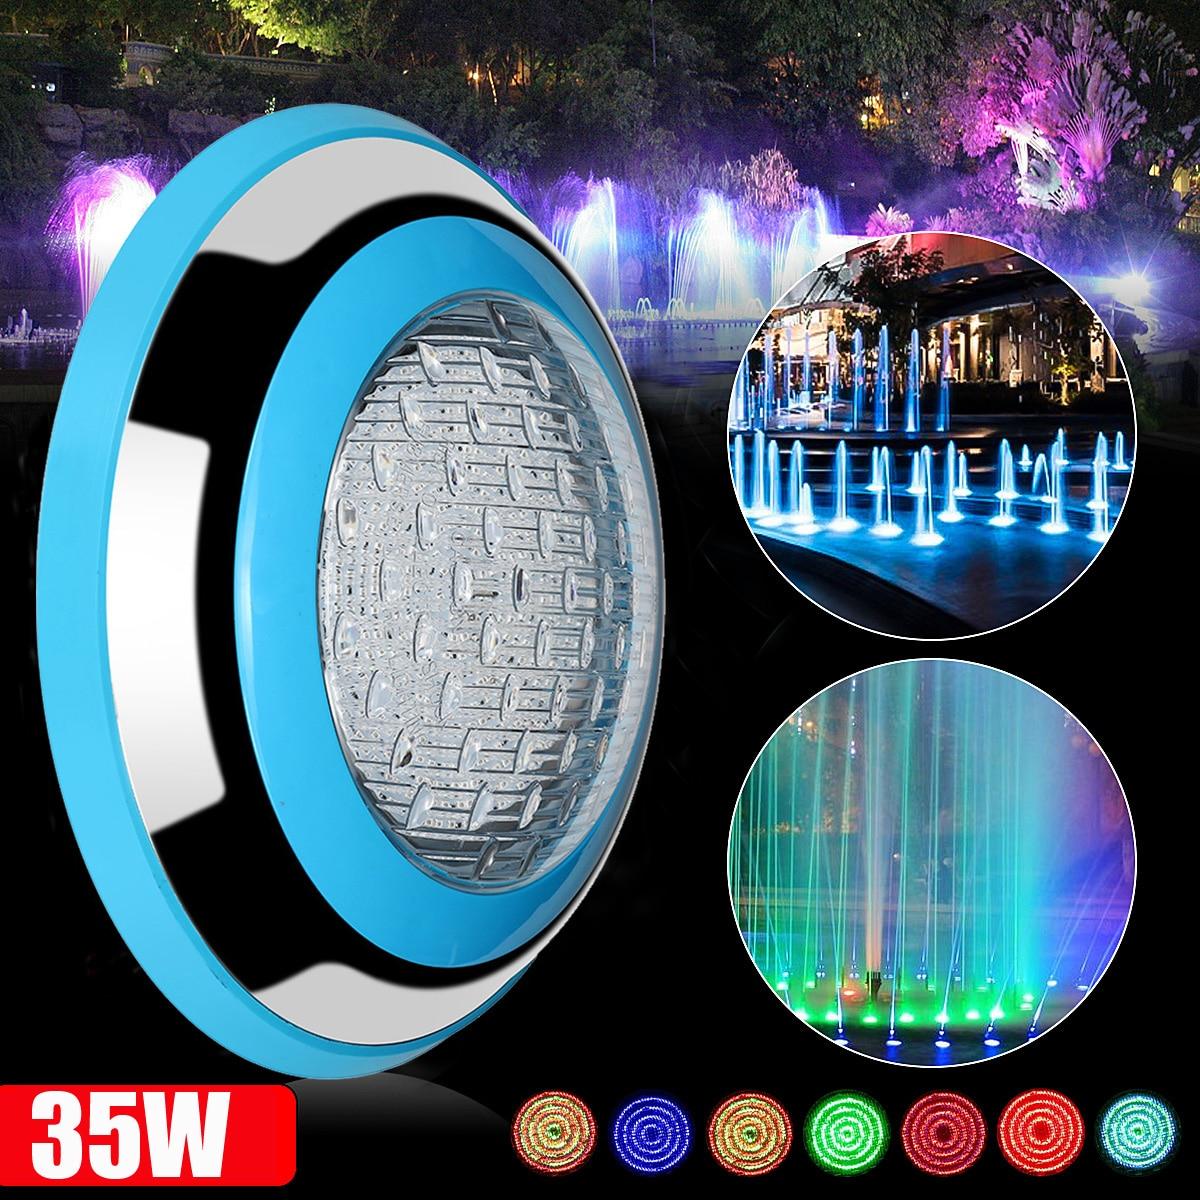 35 W LED Lumière Sous-Marine RVB Étang Piscine Extérieure 12 V Étanche Décoratif LED Éclairage + Sans Fil Télécommande